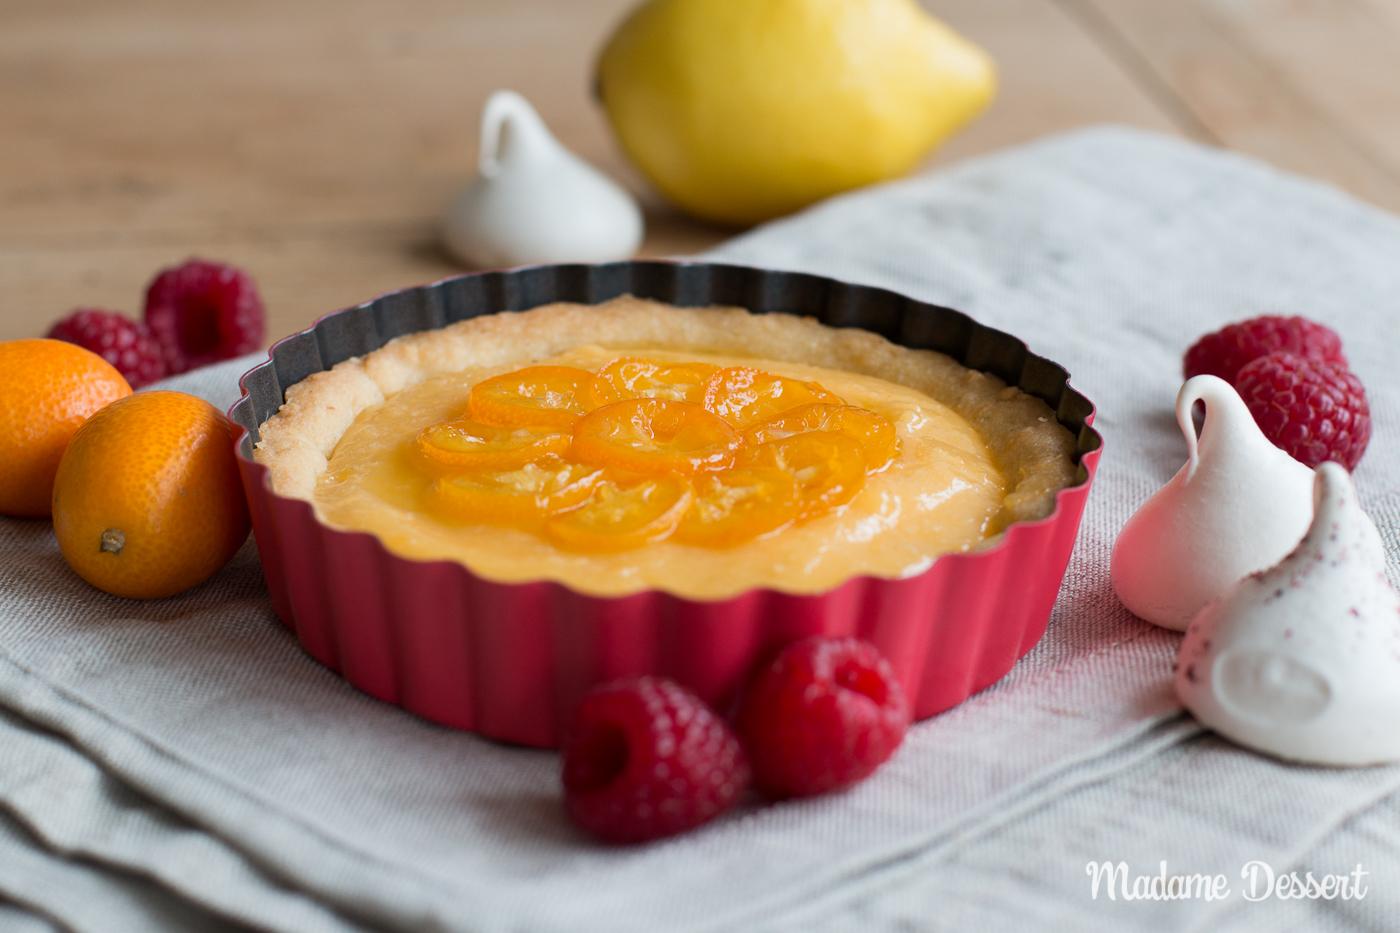 Zitronentartelettes mit Baiserhaube | Madame Dessert